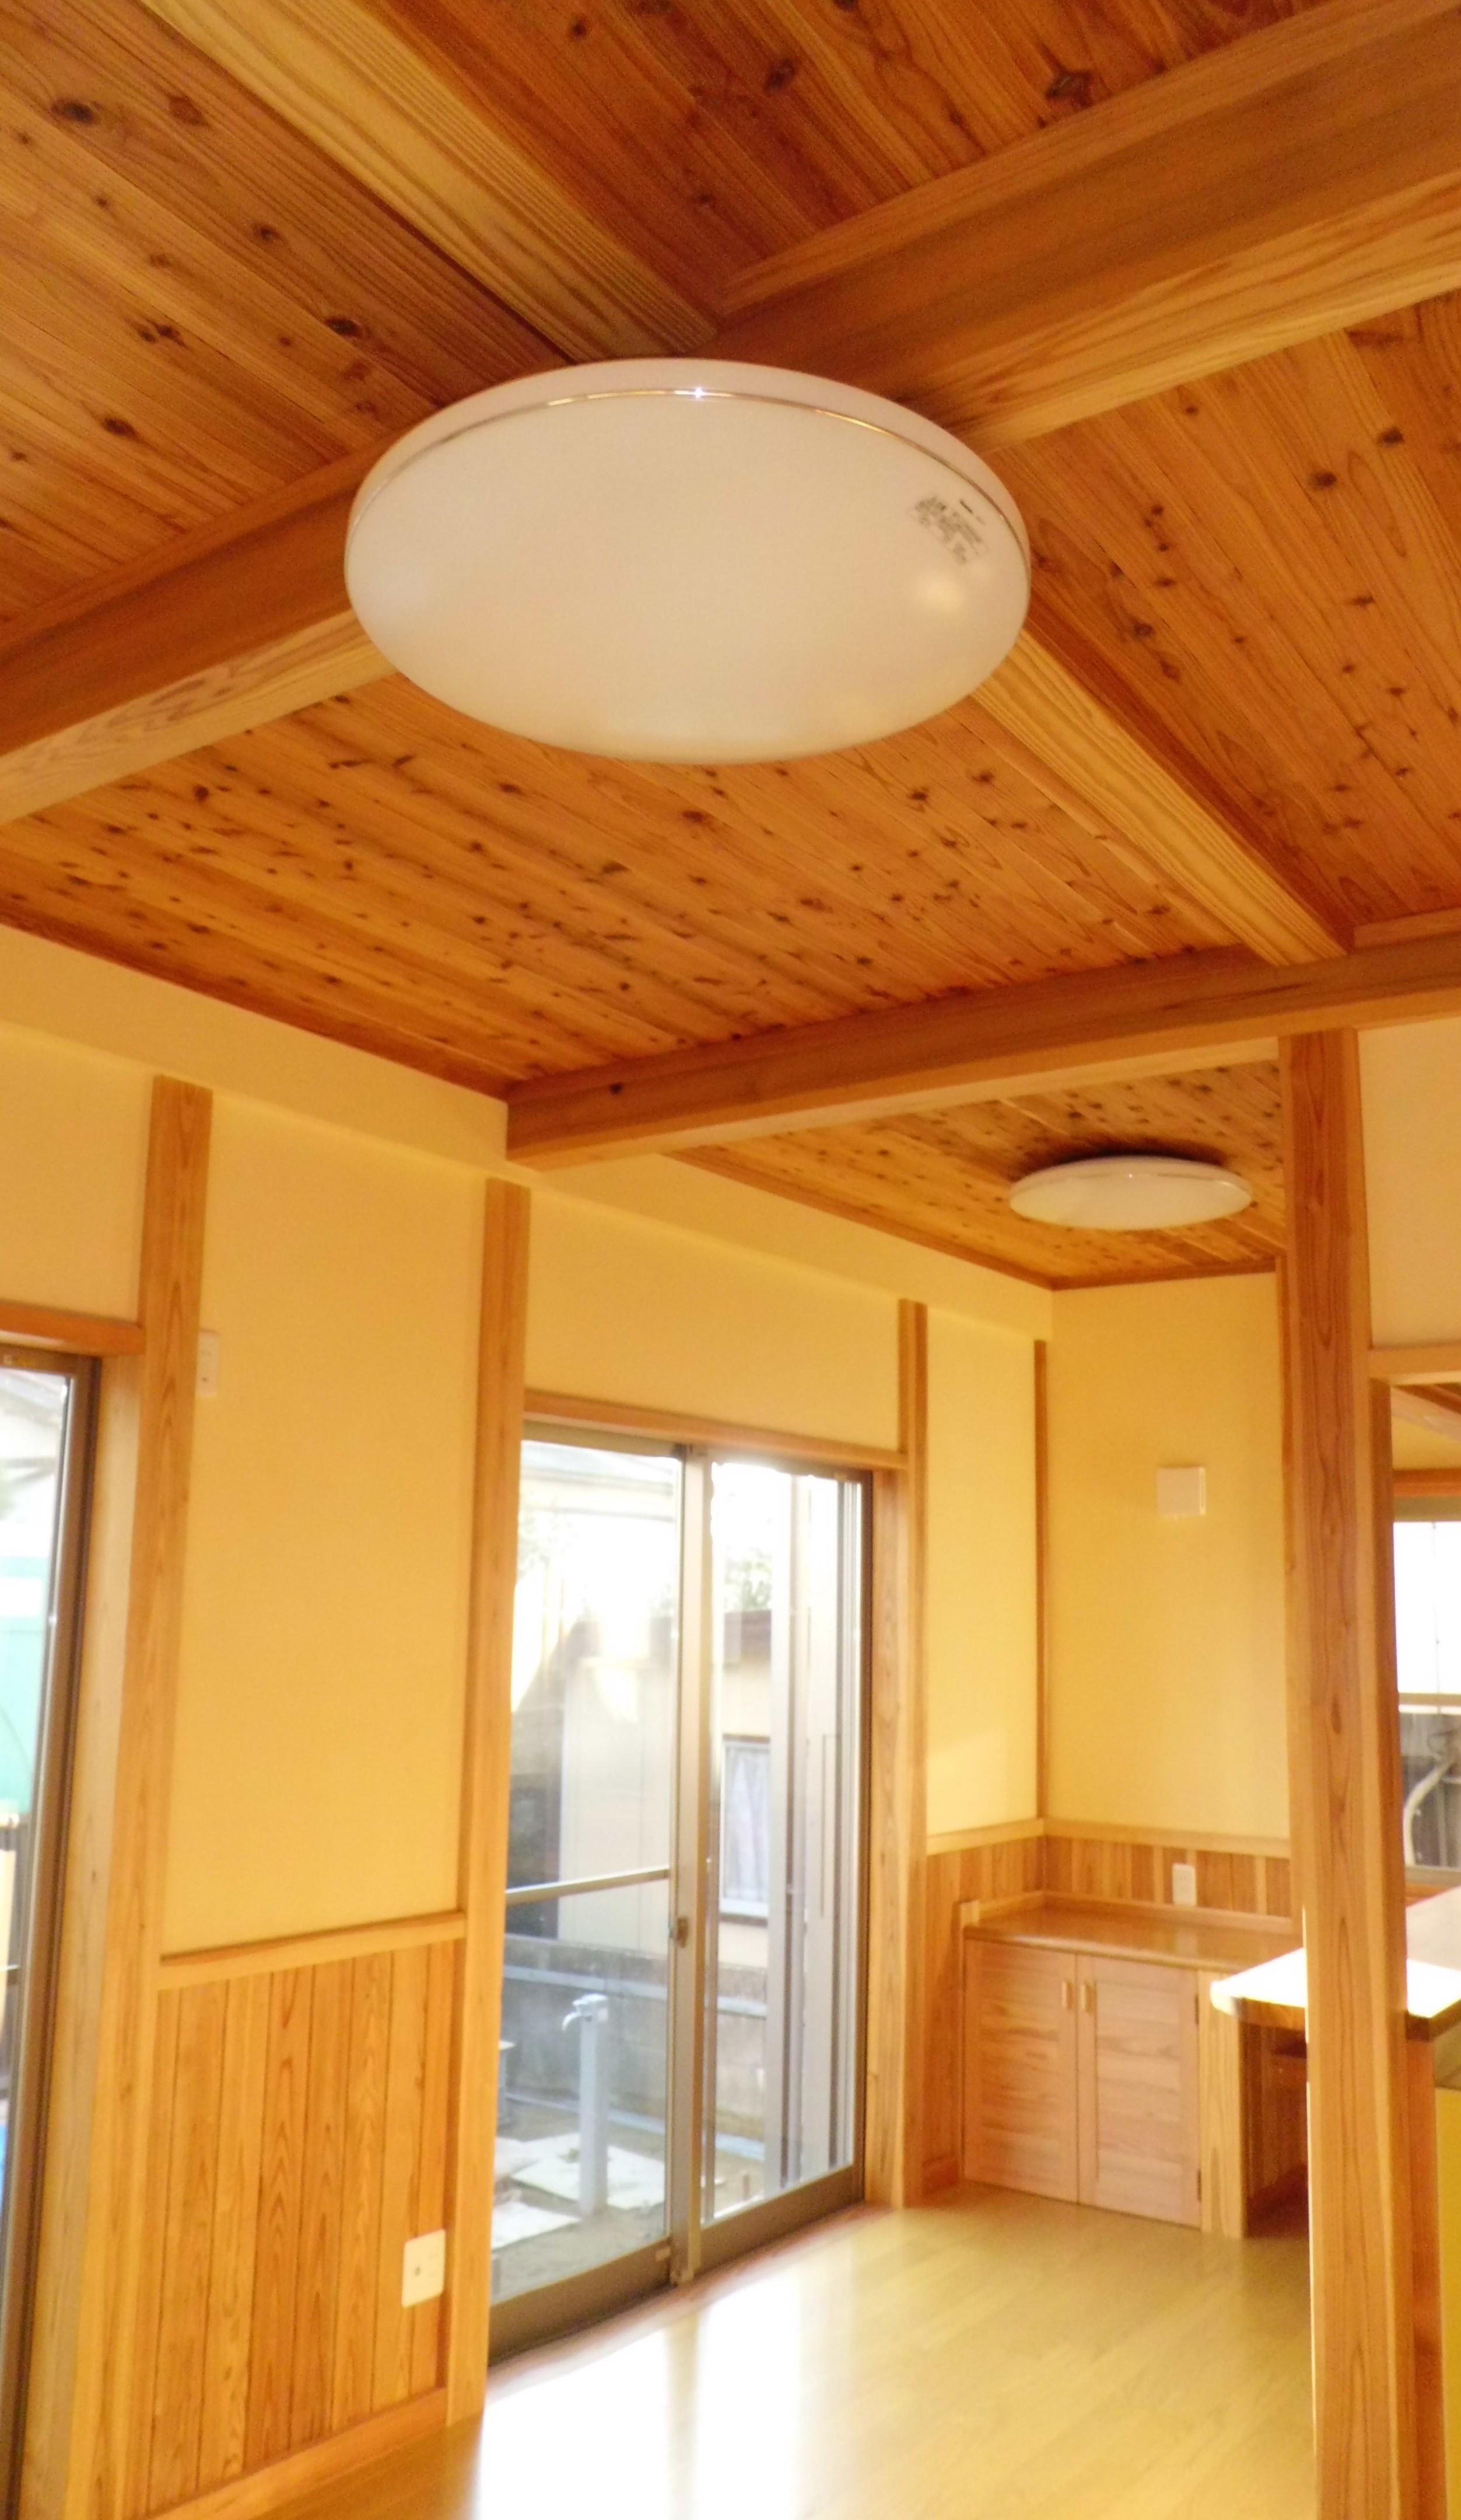 団地の中に国産材と自然素材で囲まれた個性派住宅。